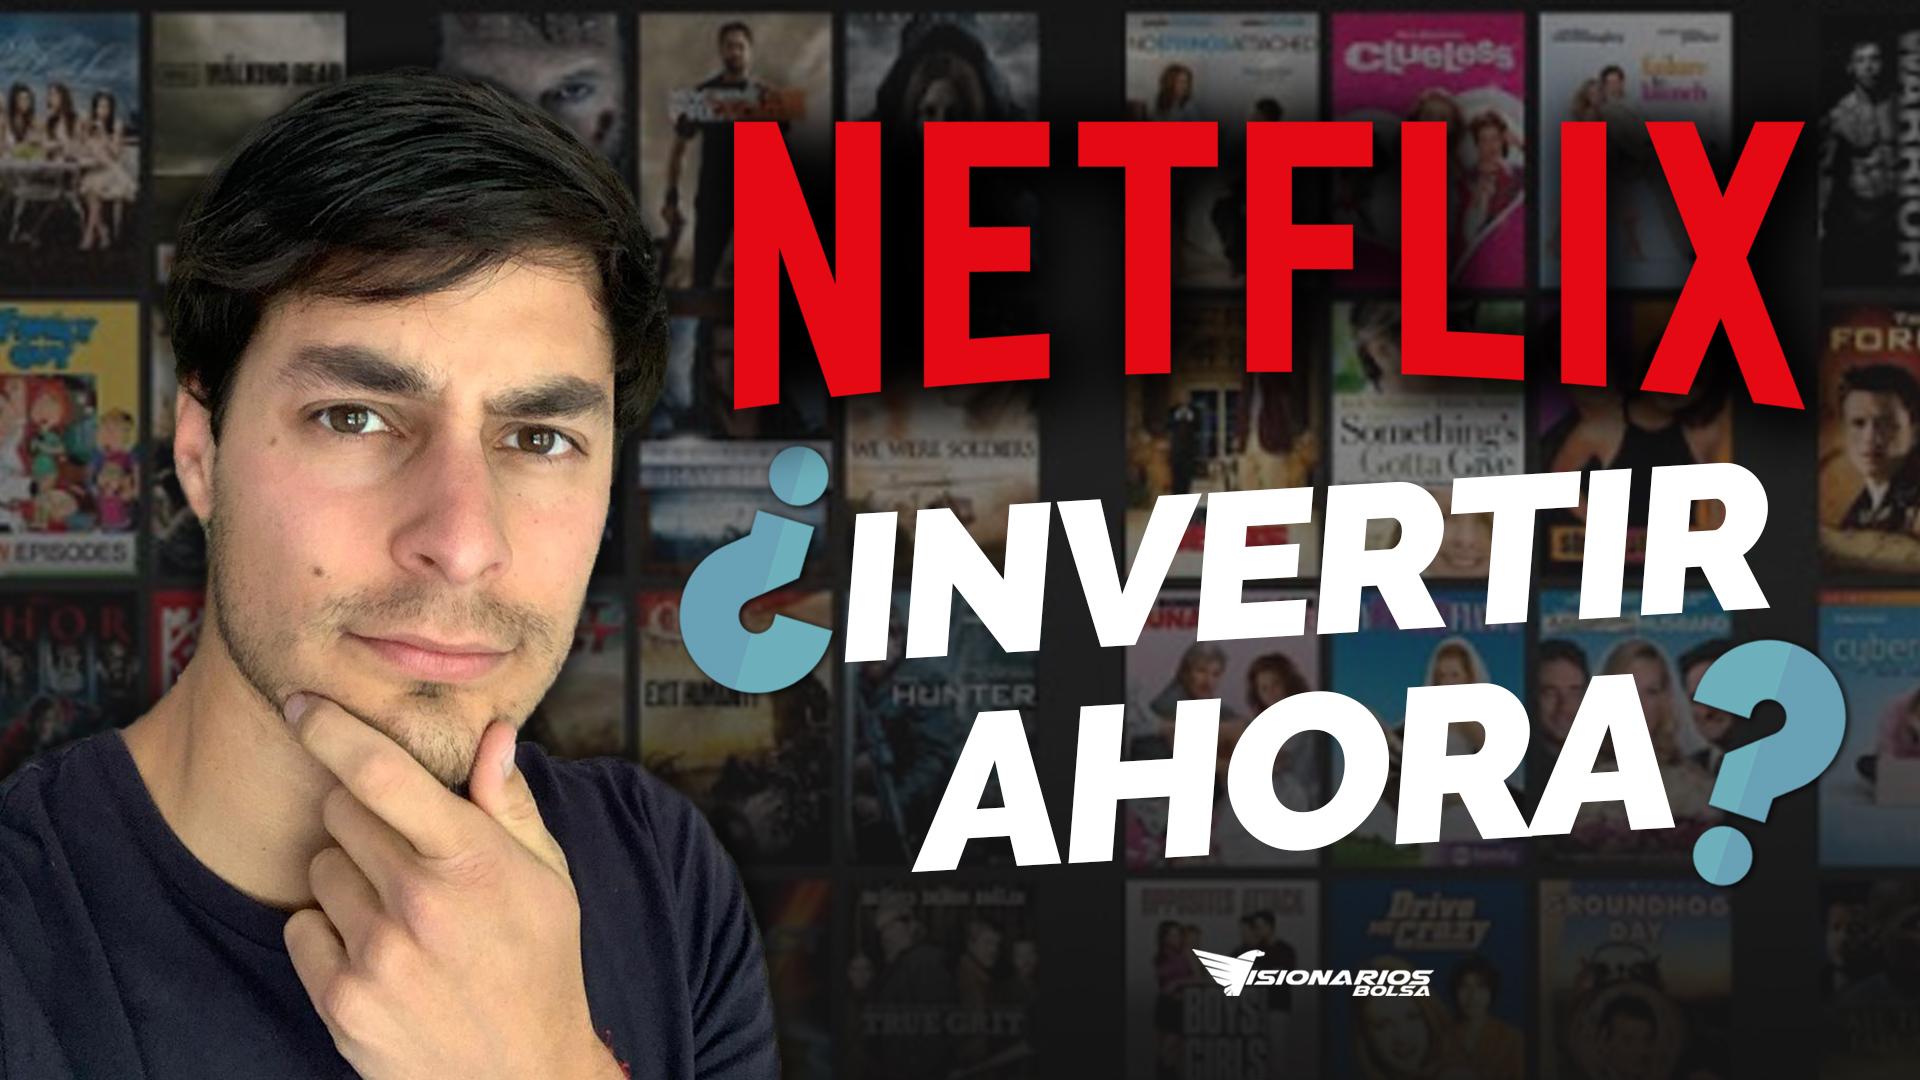 ¿Comprar Acciones De Netflix Ahora Que Ha Bajado?